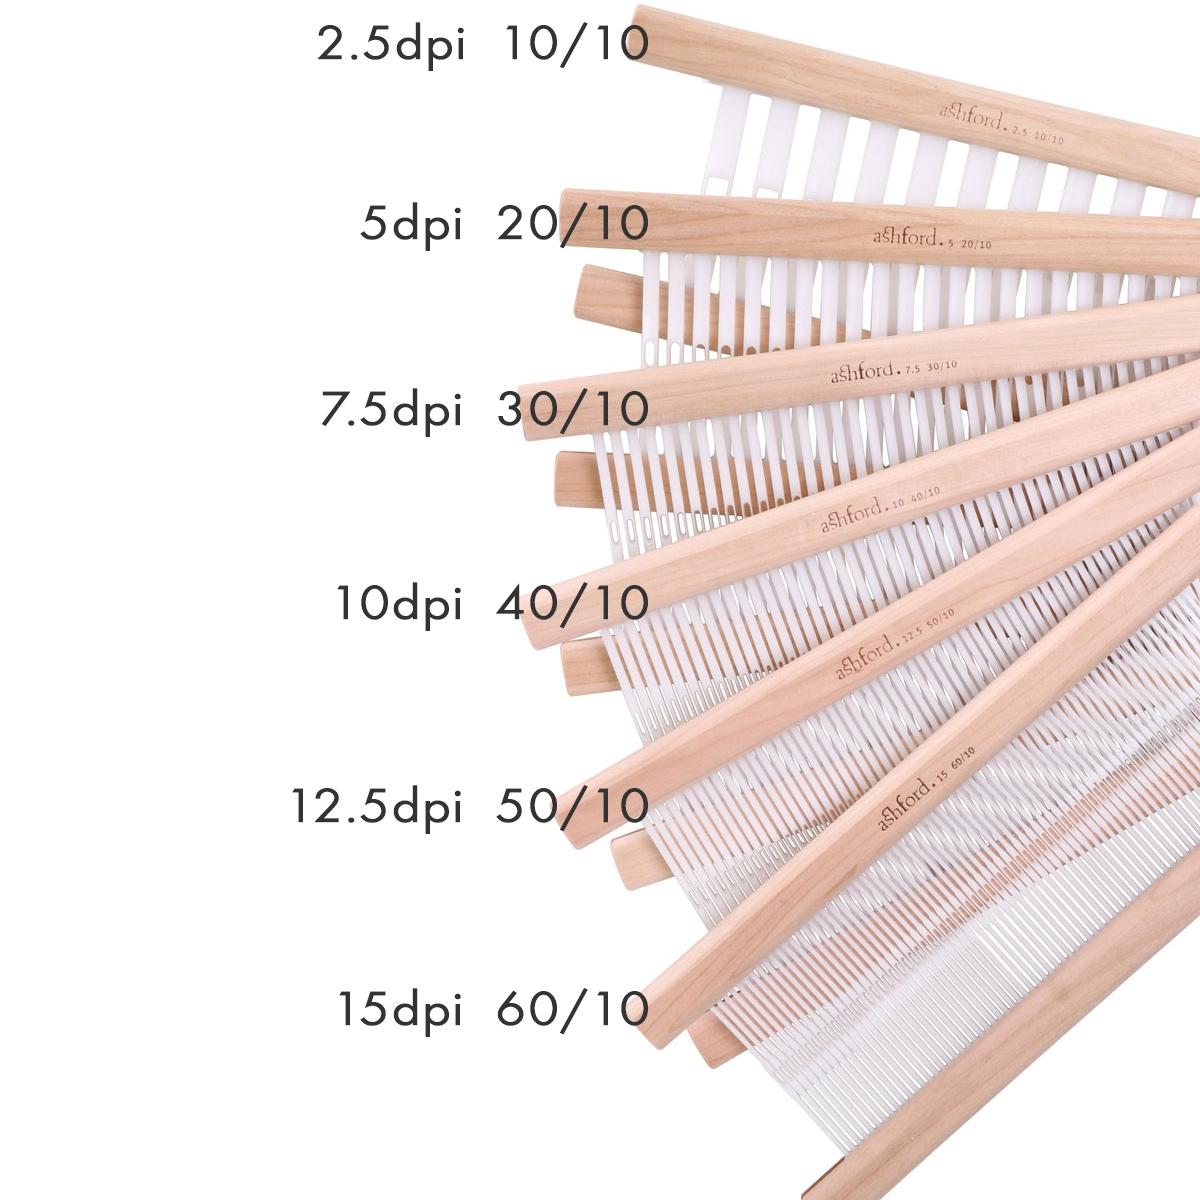 Ashford Rigid Heddle Loom Reed 16 inch 7.5dpi